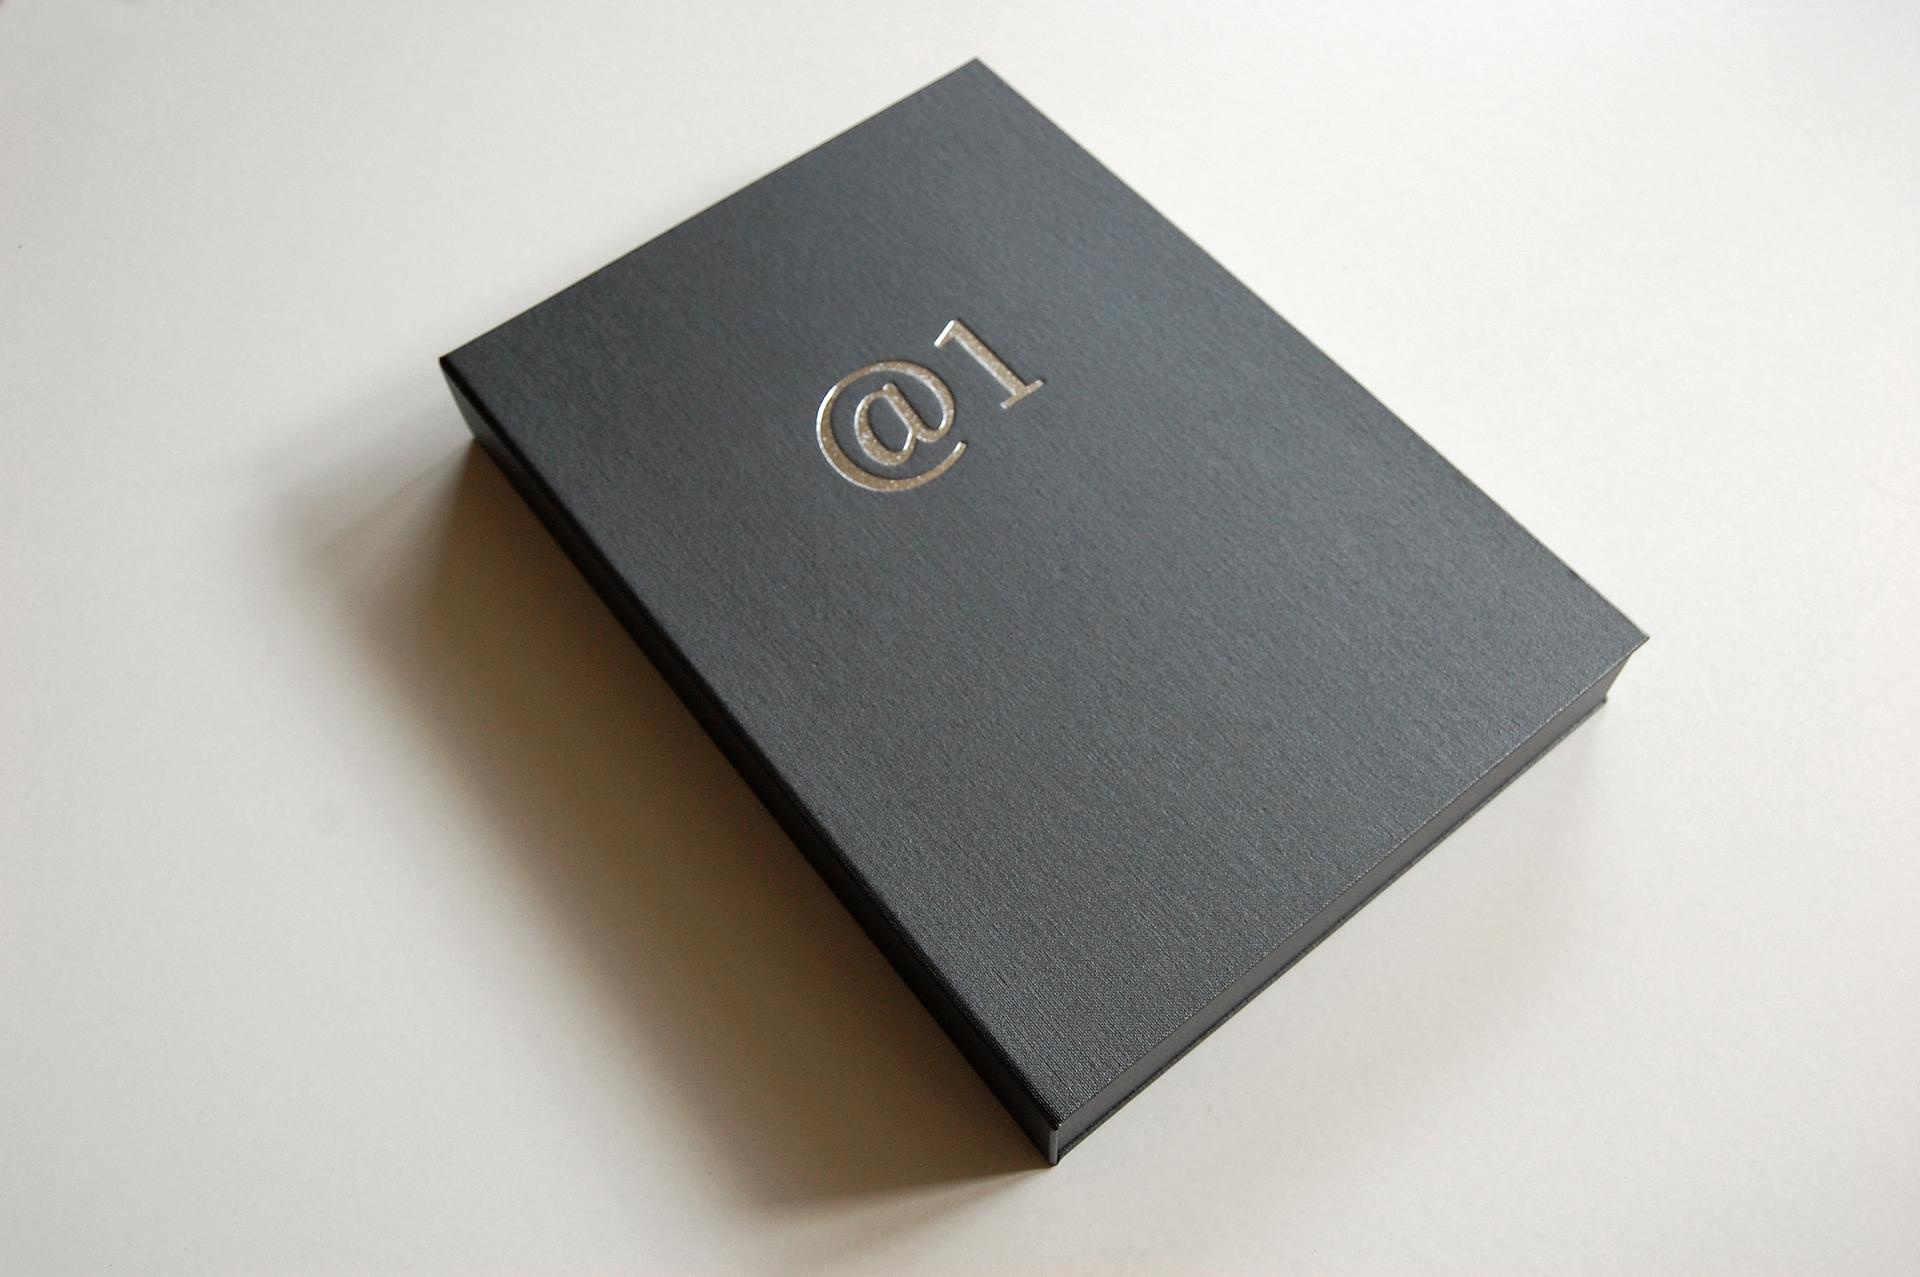 Ausstellungsansicht Anagramm@1 von Stefan Zoellner, Sammlung Siepermann, Detail Buchcassette